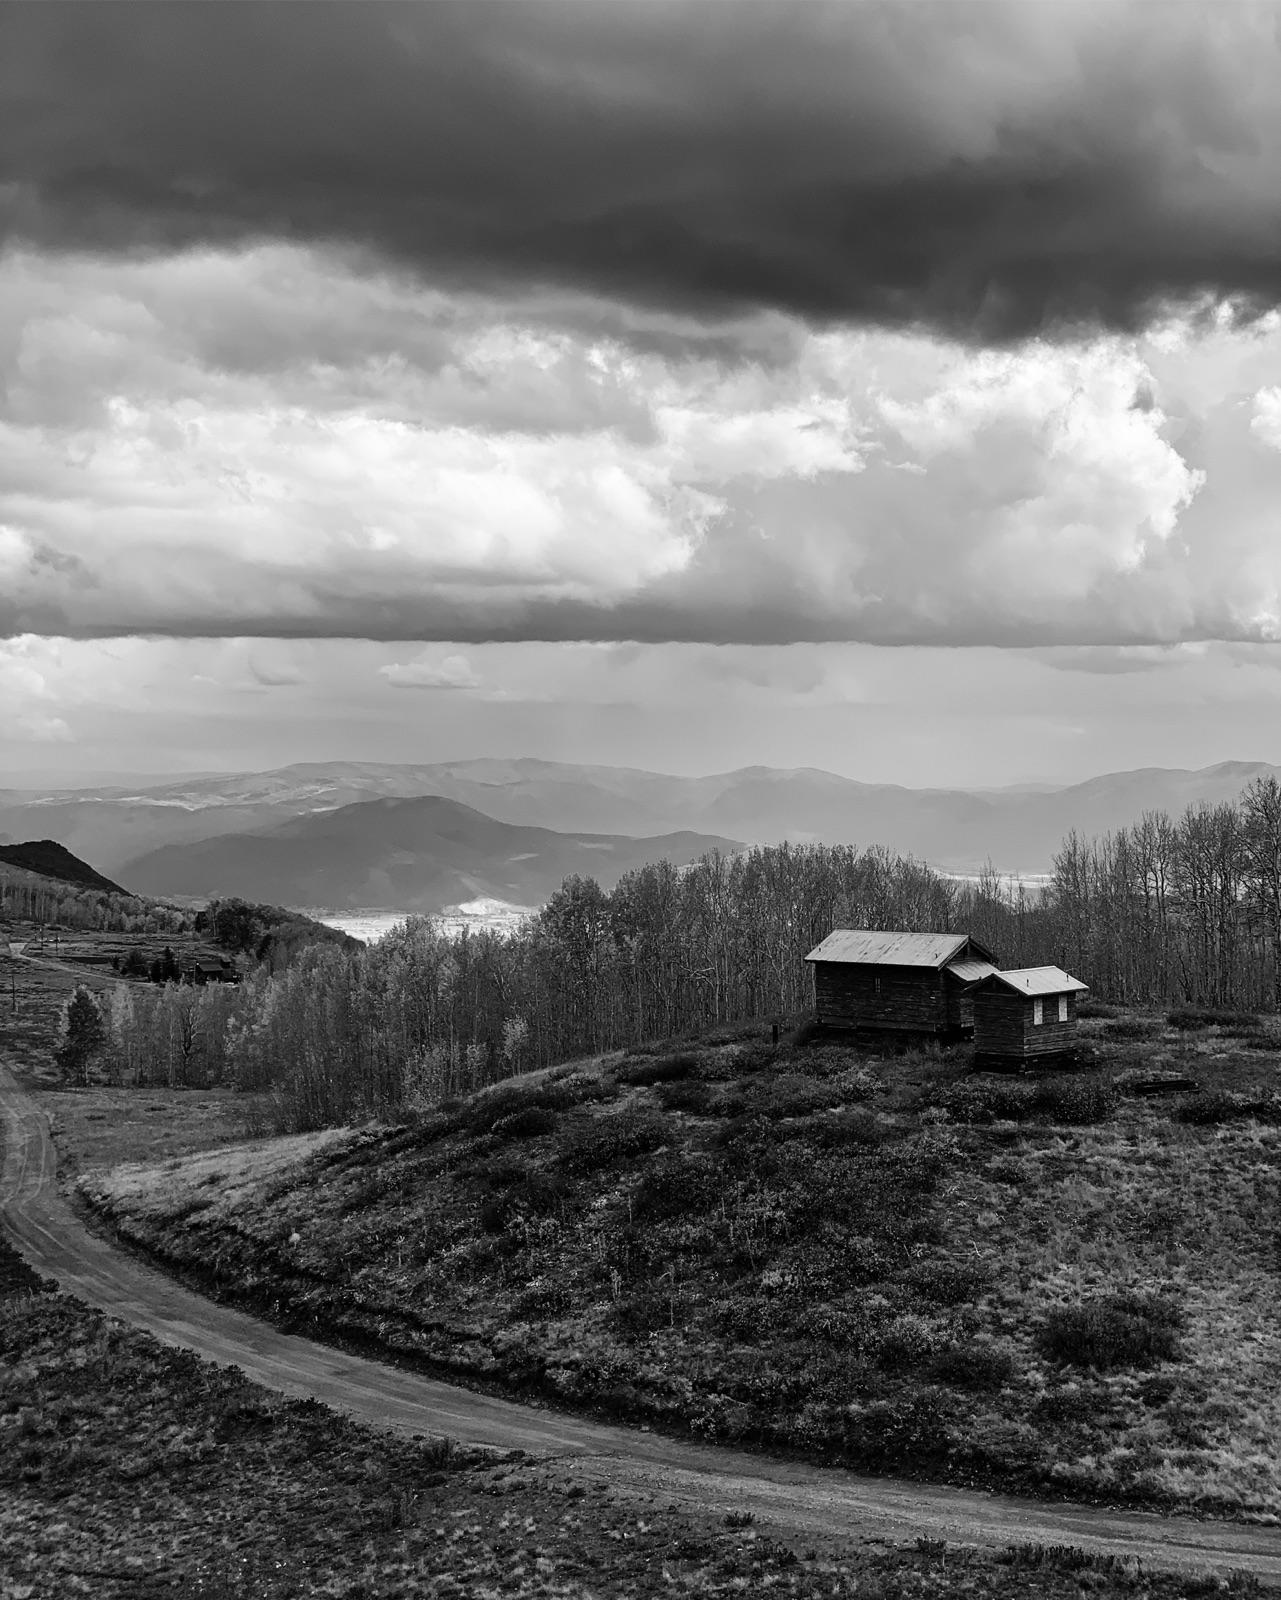 zwartwit foto van een berglandschap met heuvel, schuur en bomen en donkere wolkenlucht